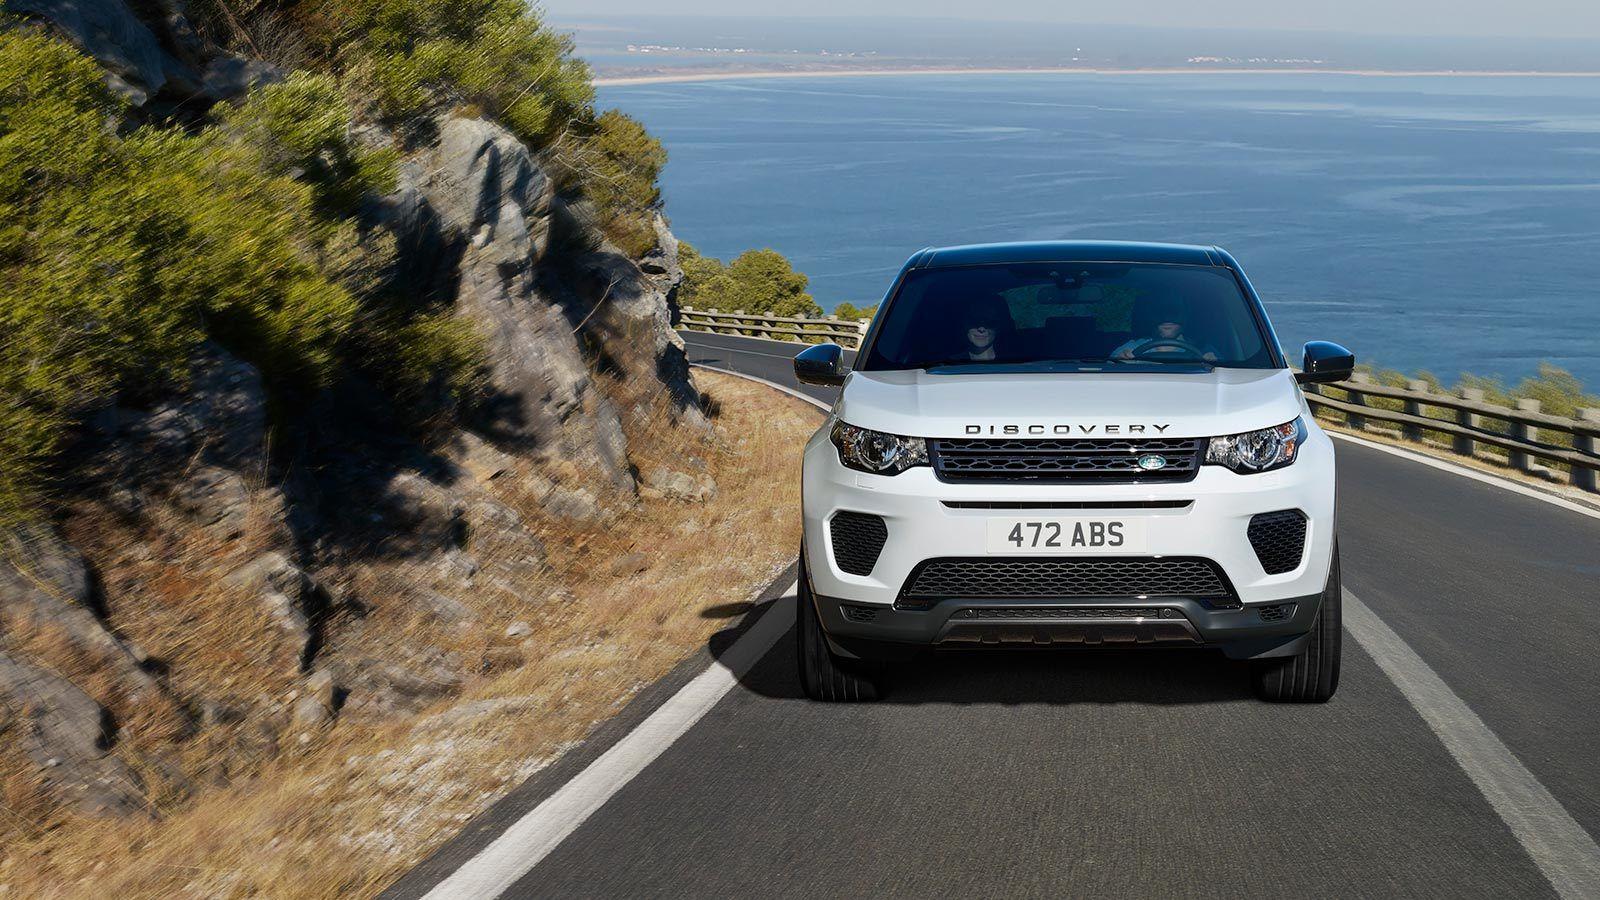 Mantiene el diseño poderoso y con líneas bien marcadas que distingue a los modelos de Land Rover pero con combinaciones únicas.